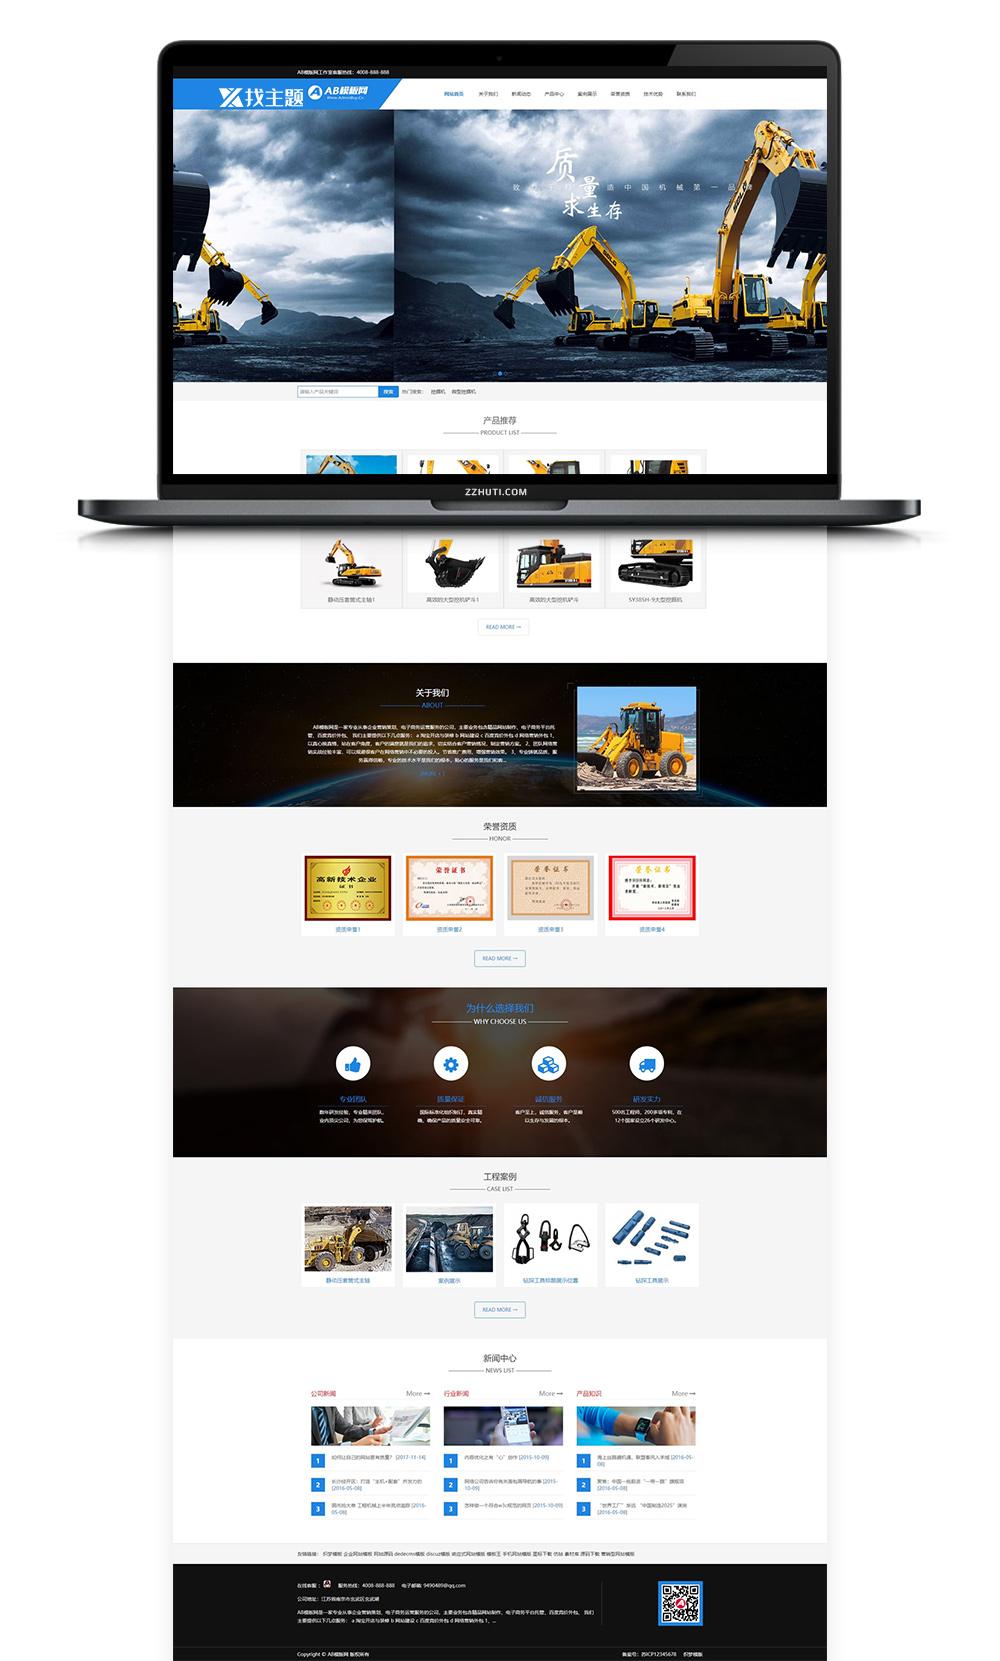 【机械设备】织梦cms蓝色模板 HTML5响应式挖掘机网站源码[自适应手机版]-酷网站源码